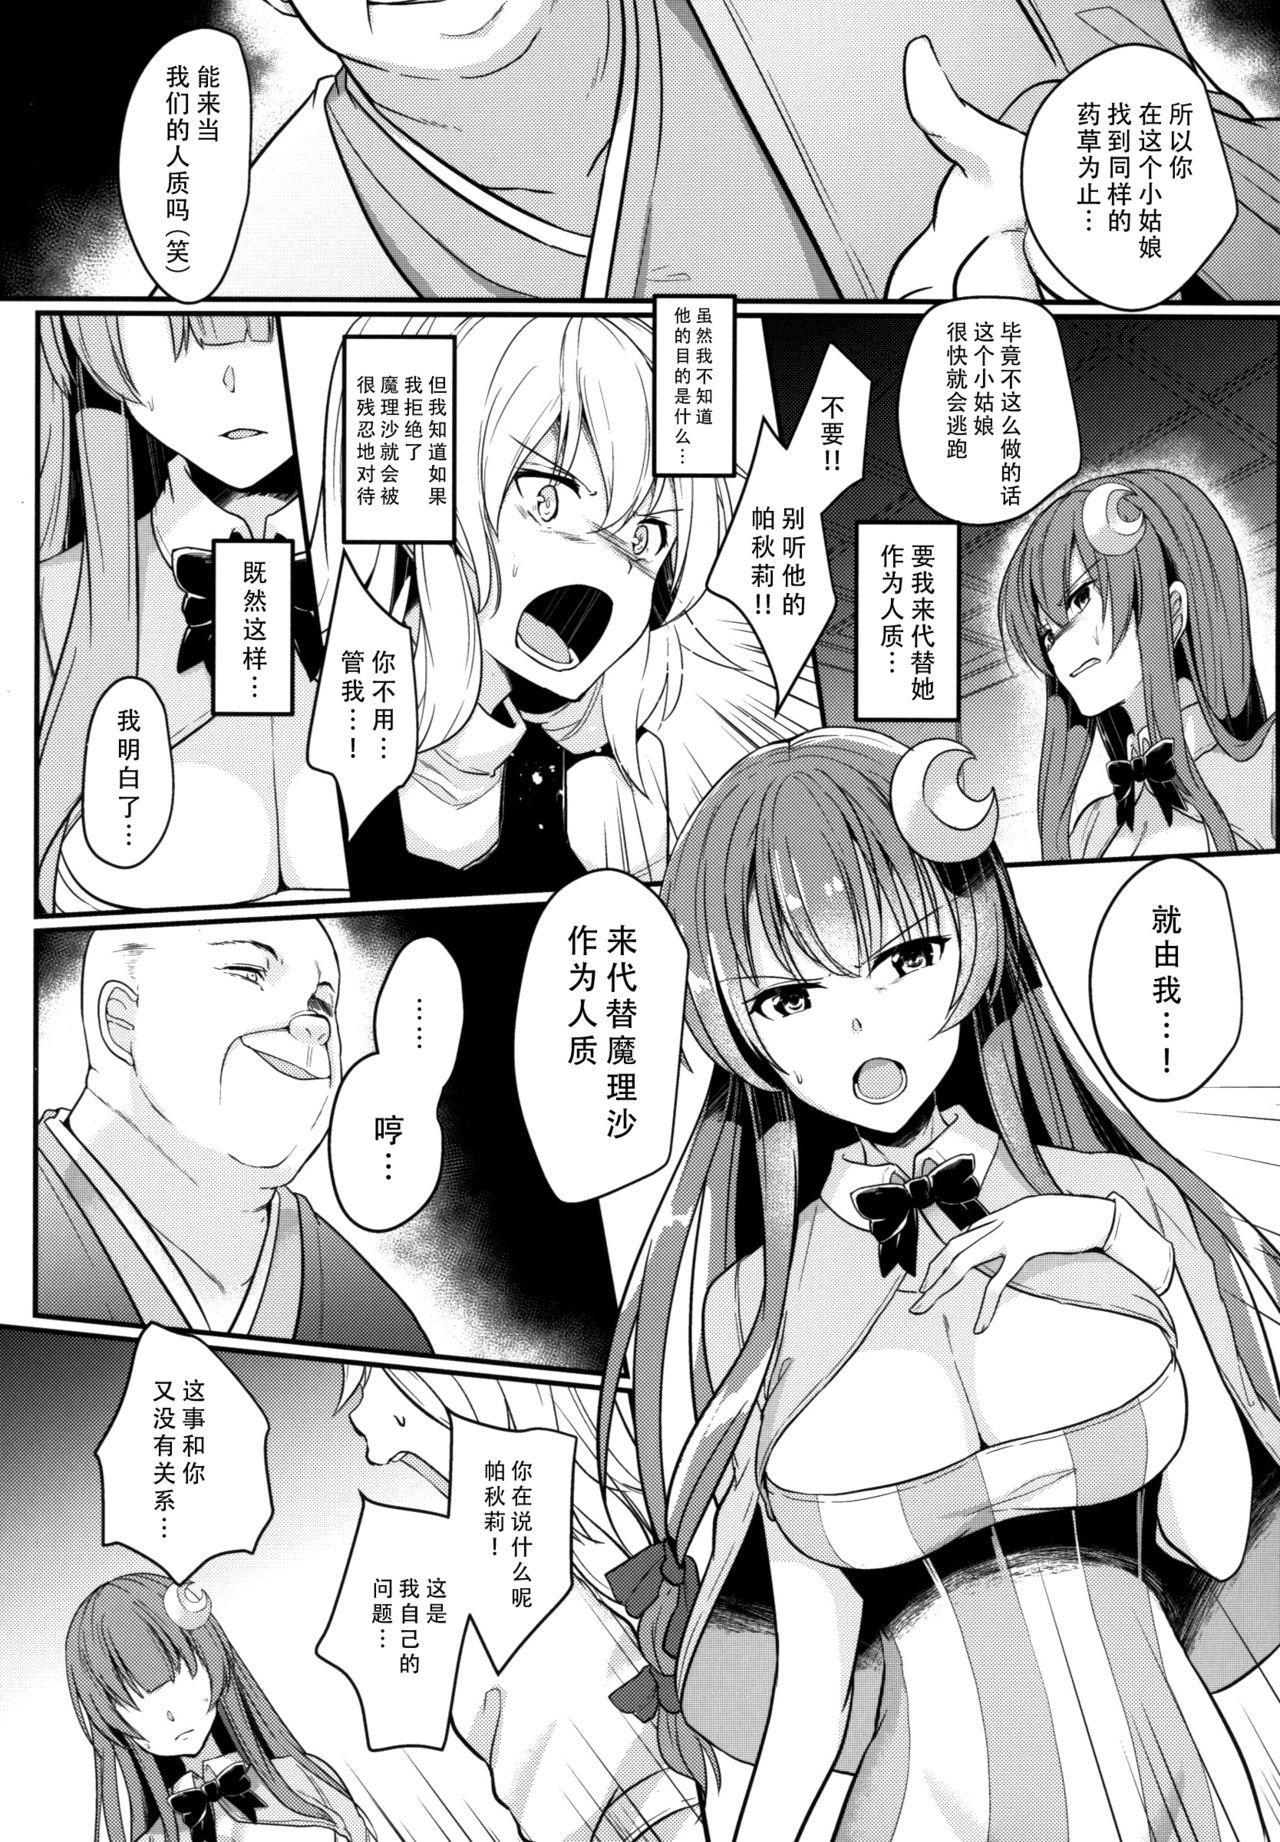 Migawari no Patchouli 4